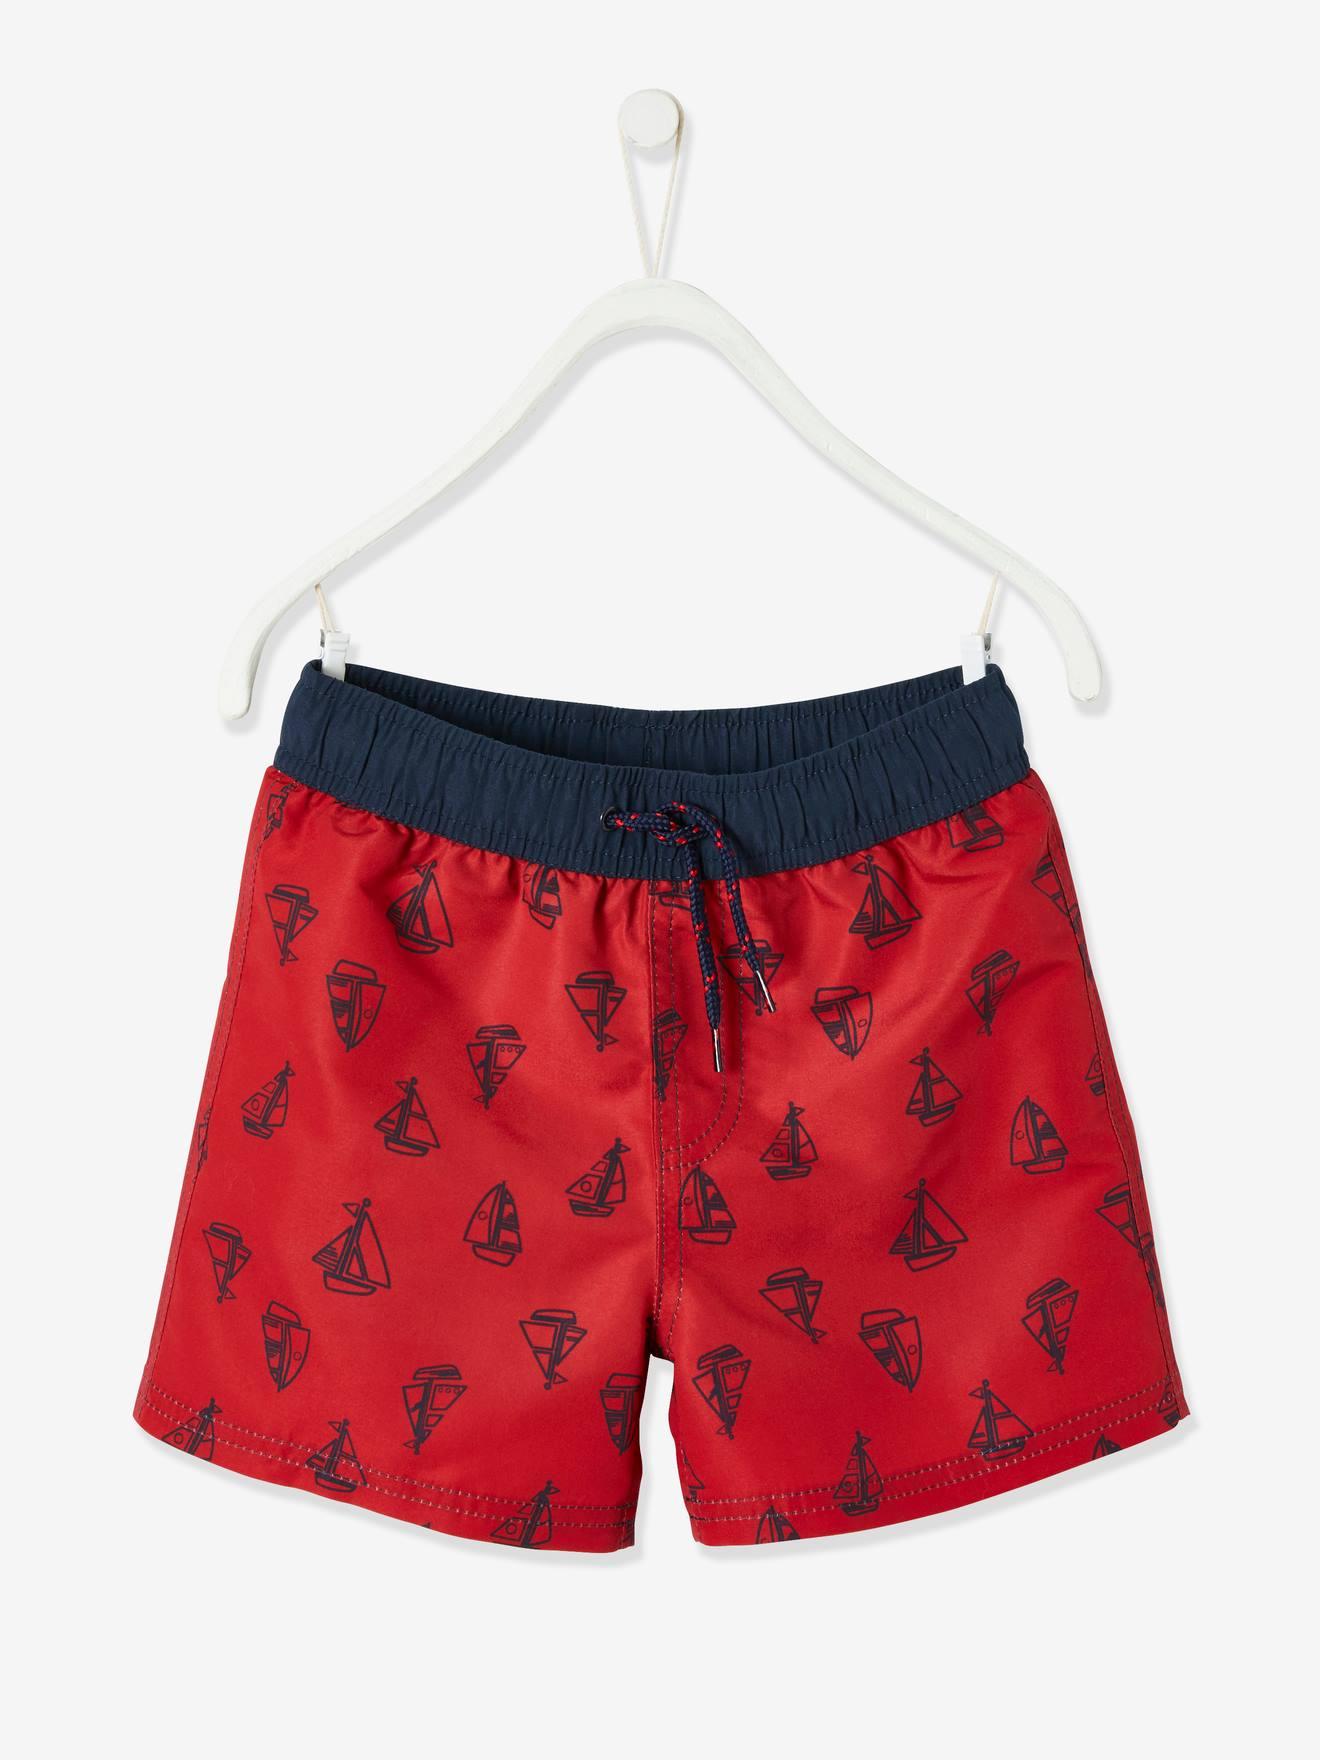 Maillot de bain garçon motifs bateaux imprimé rouge